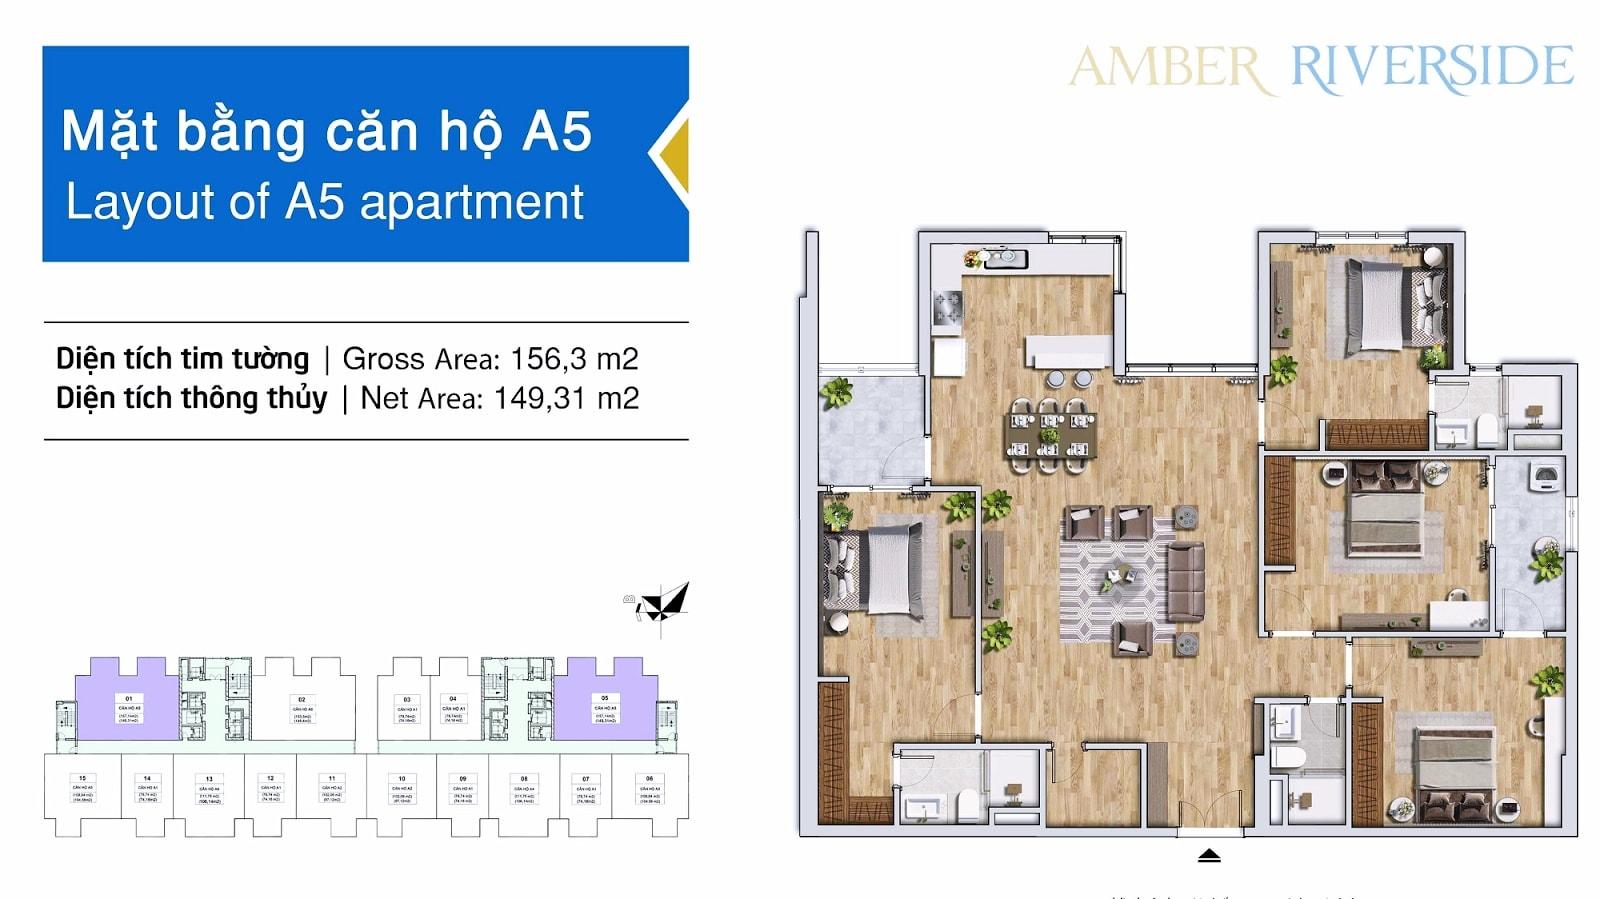 Diện tích căn hộ 4 phòng ngủ: 149,31m2